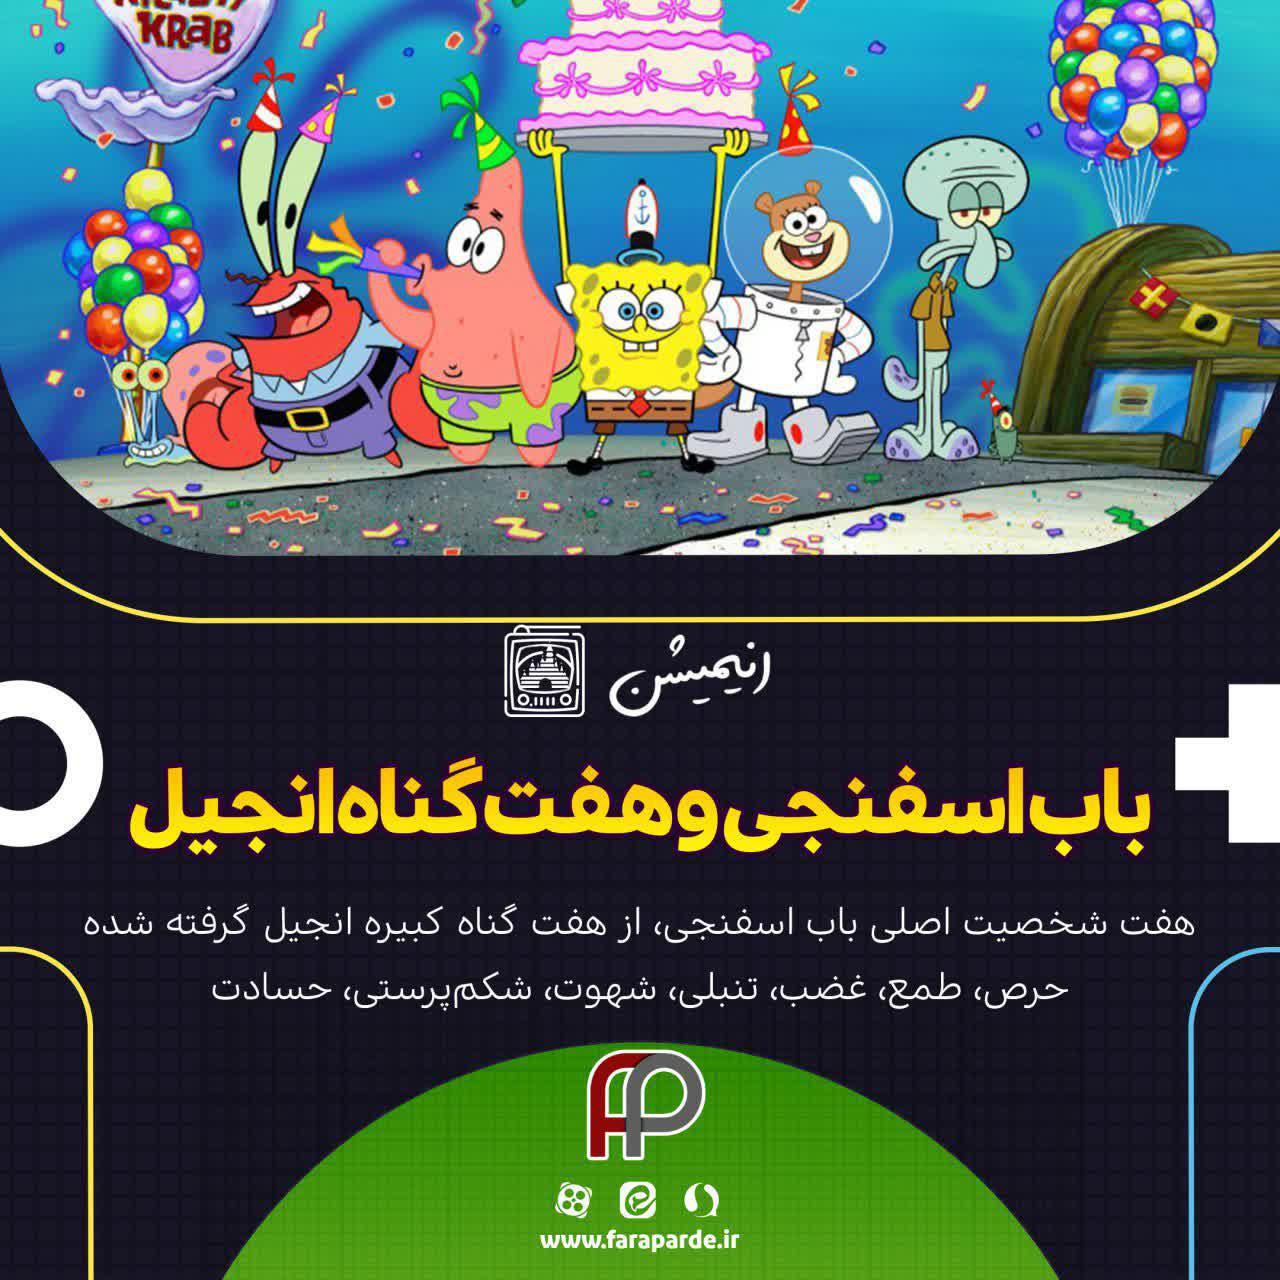 پشت پرده انیمیشن باب اسفنجی بیرون از آب